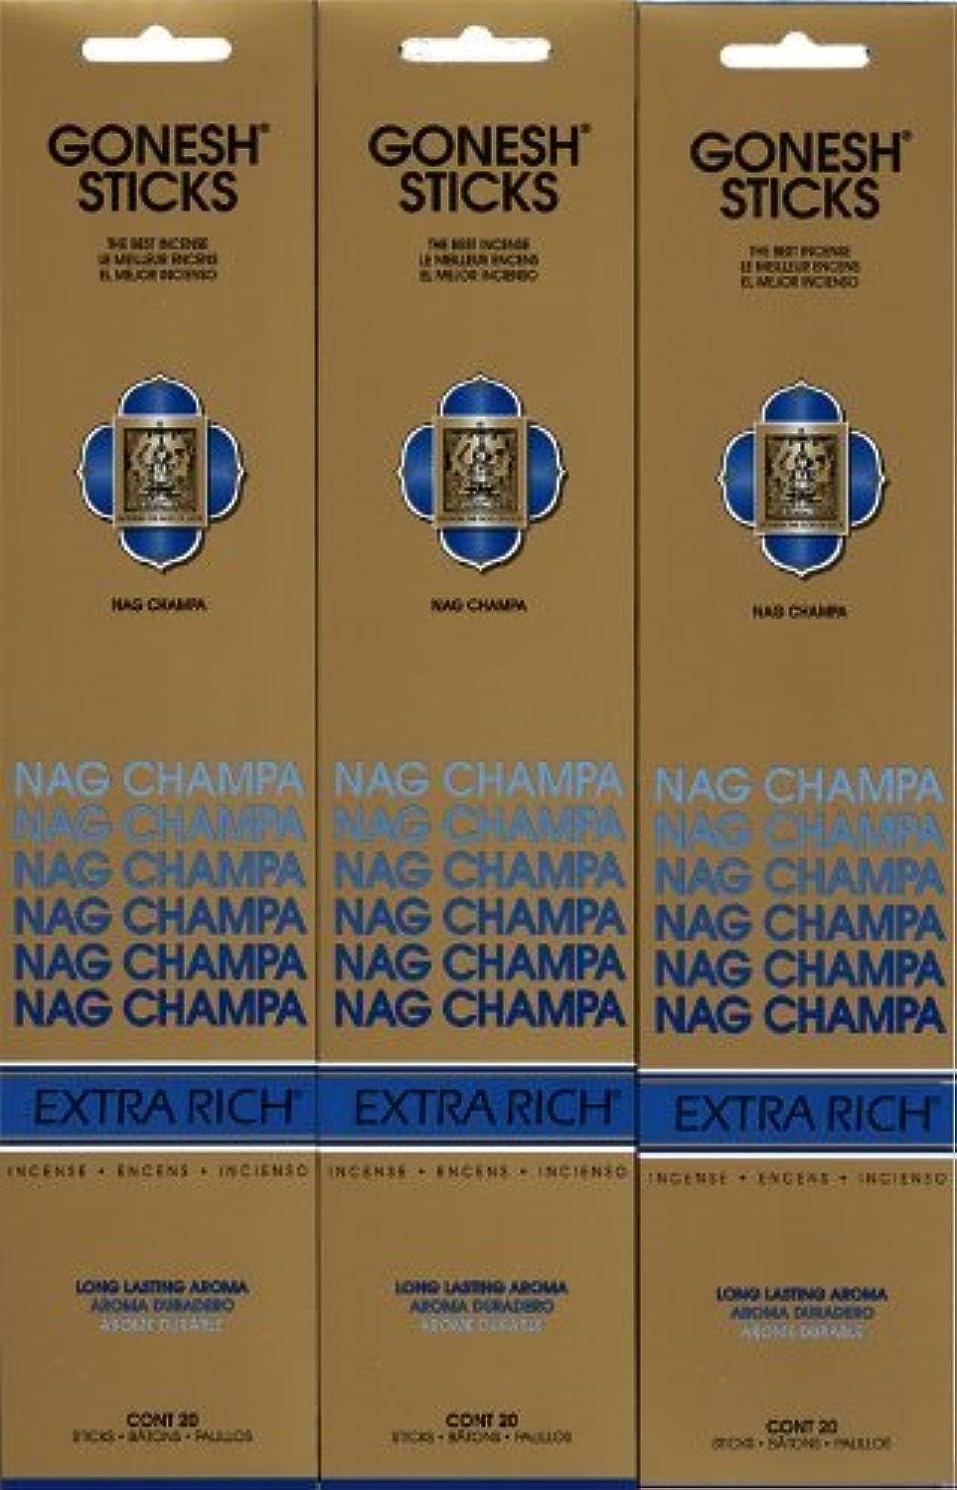 囲まれた乳白色フレッシュGONESH NAG CHAMPA ナグチャンパ スティック 20本入り X 3パック (60本)